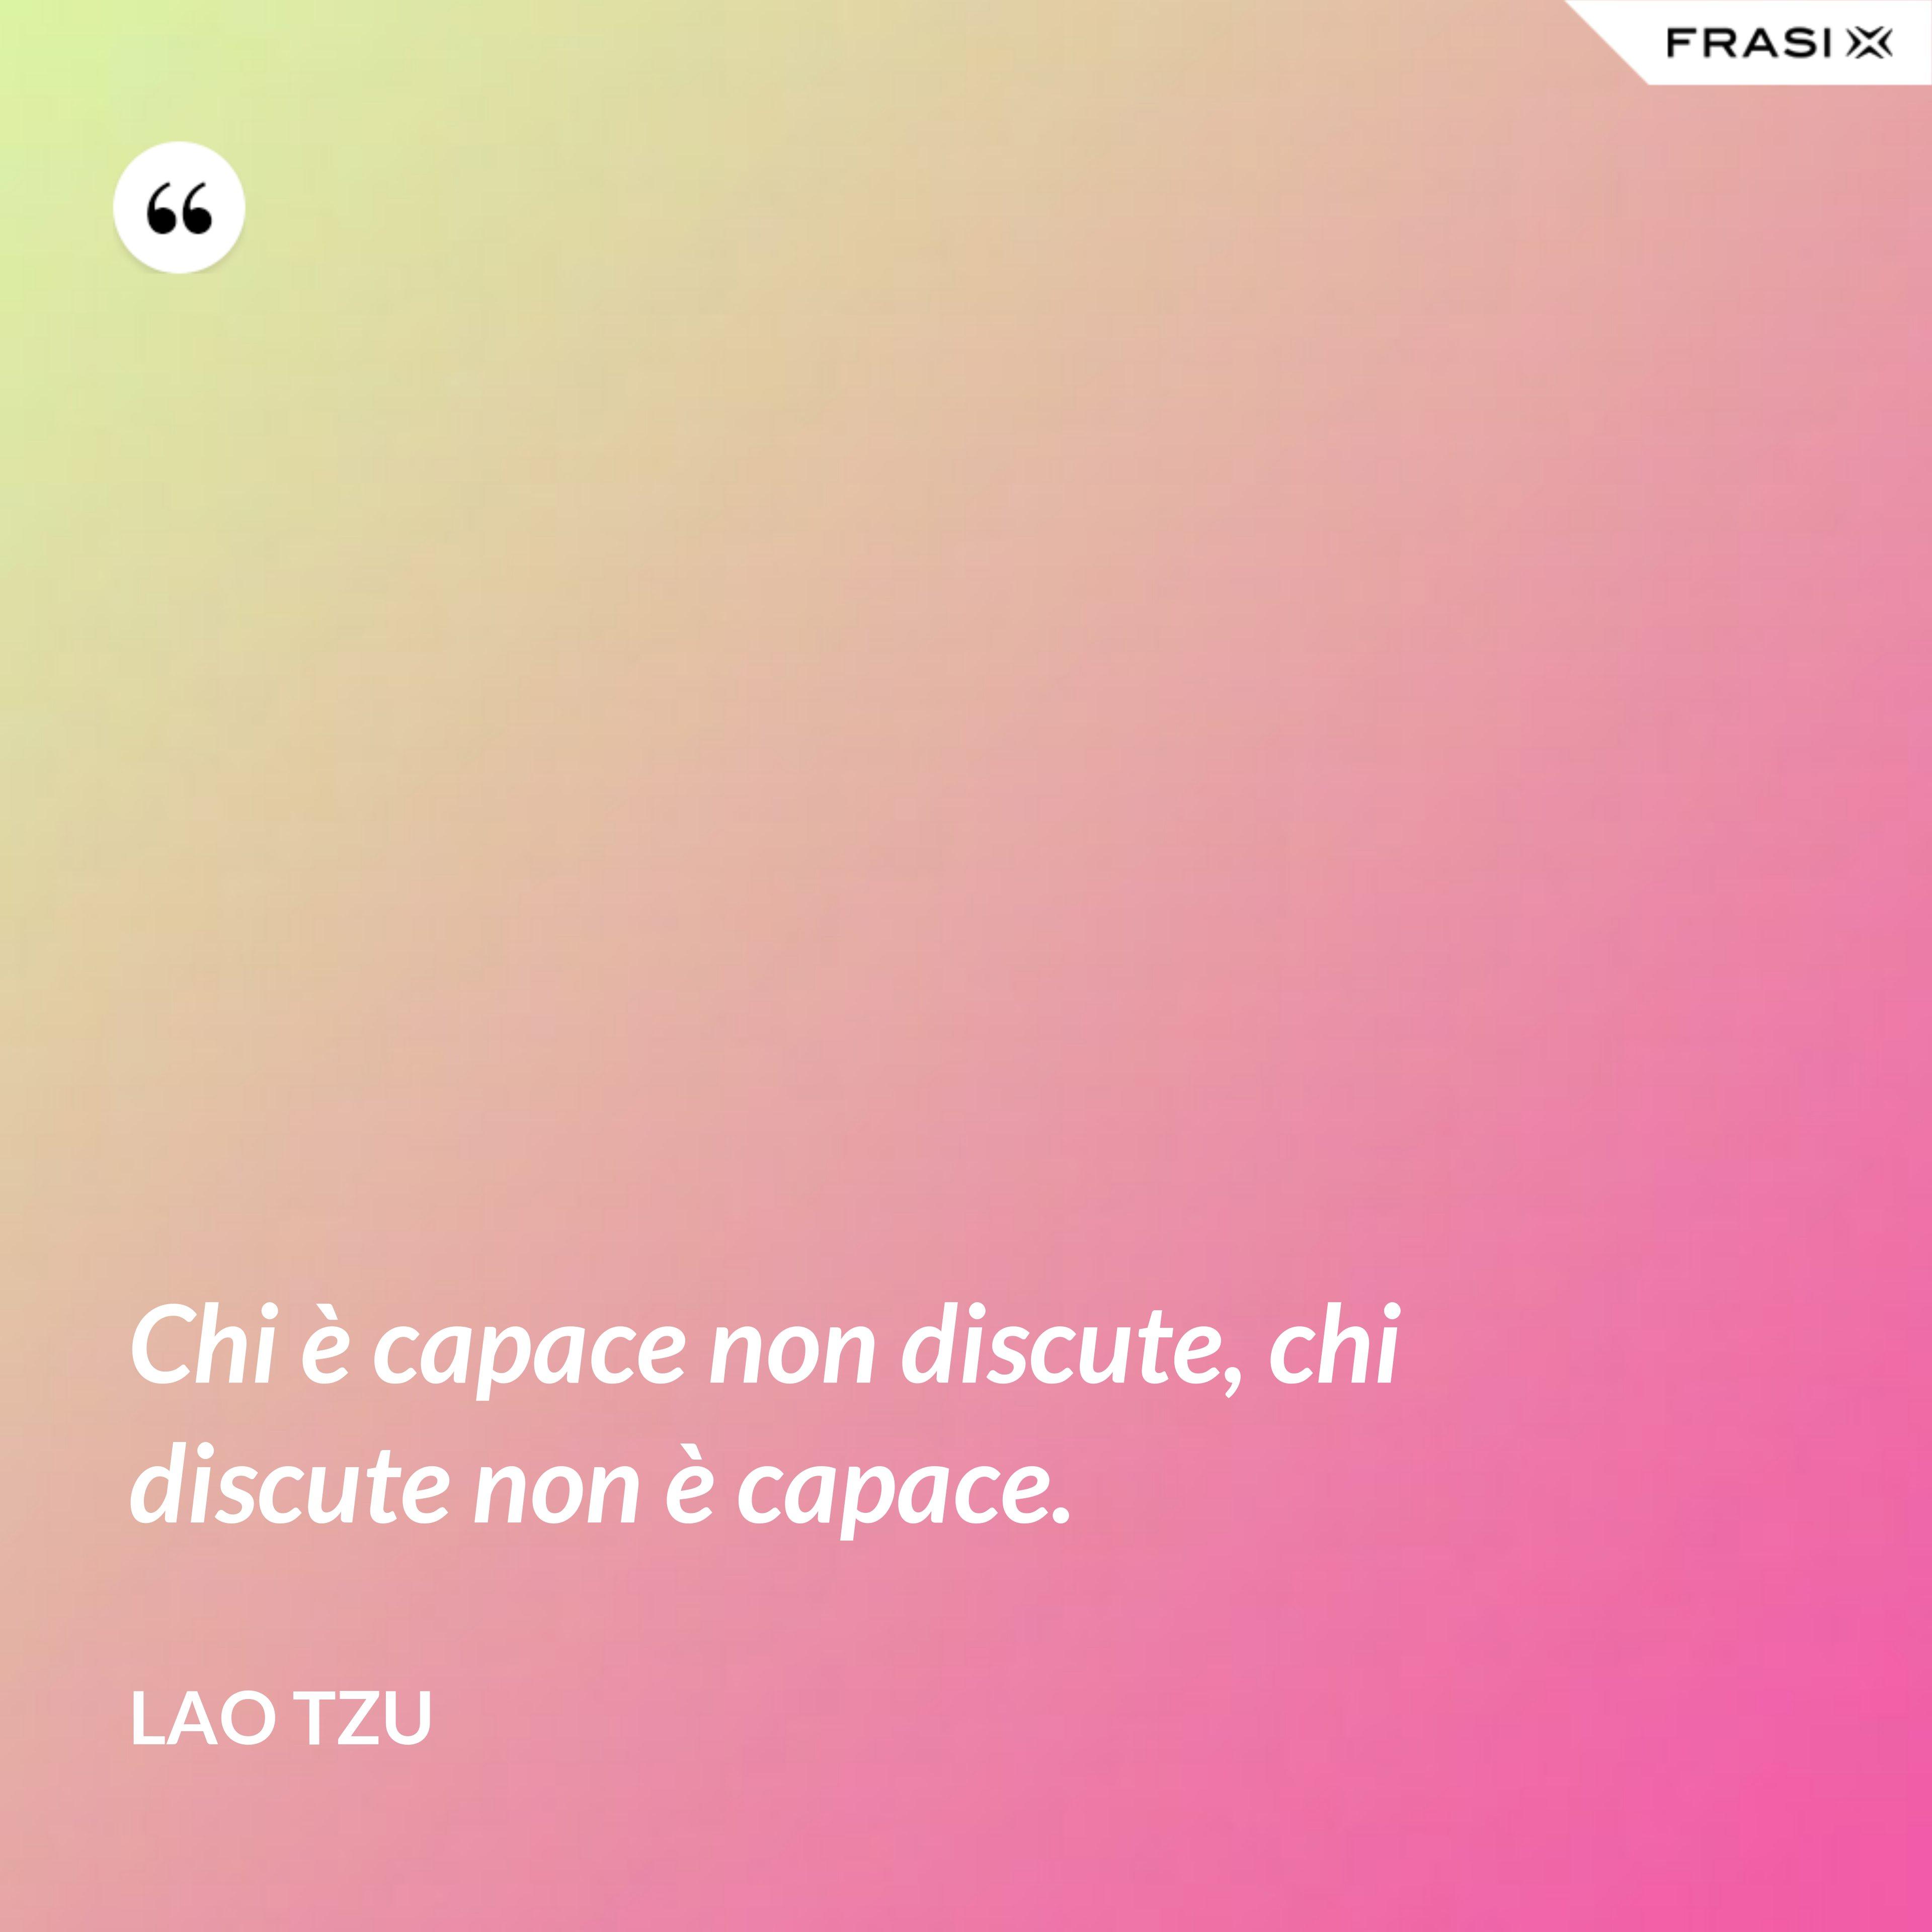 Chi è capace non discute, chi discute non è capace. - Lao Tzu